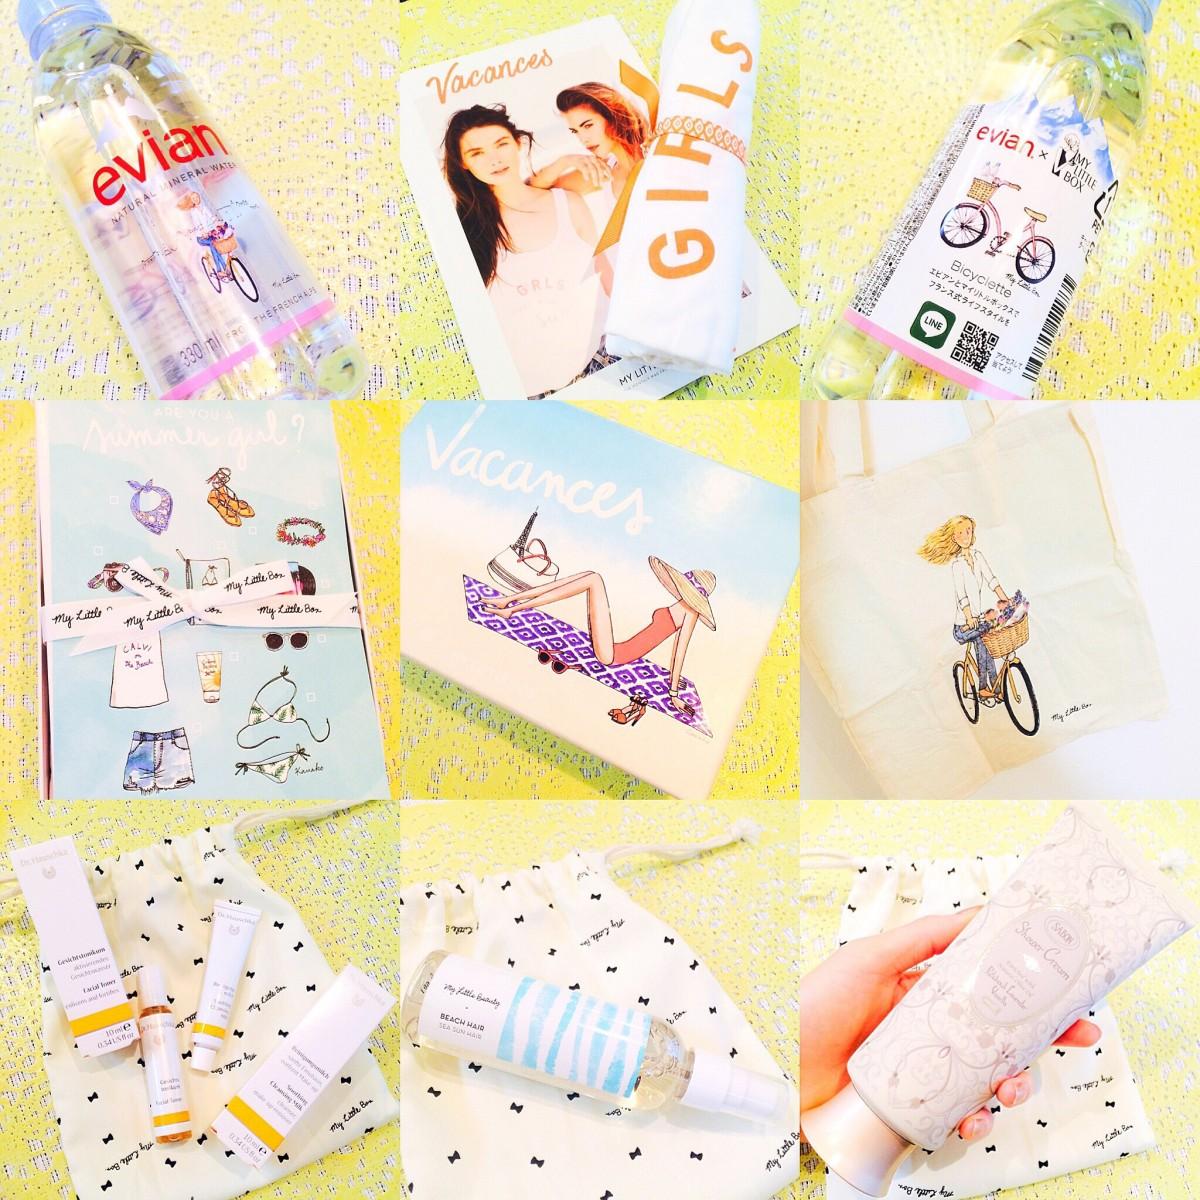 【My Little Box】今月はSABONの現品もIN♡夏のバカンスを楽しむためのエビアンコラボBOXの中身を公開